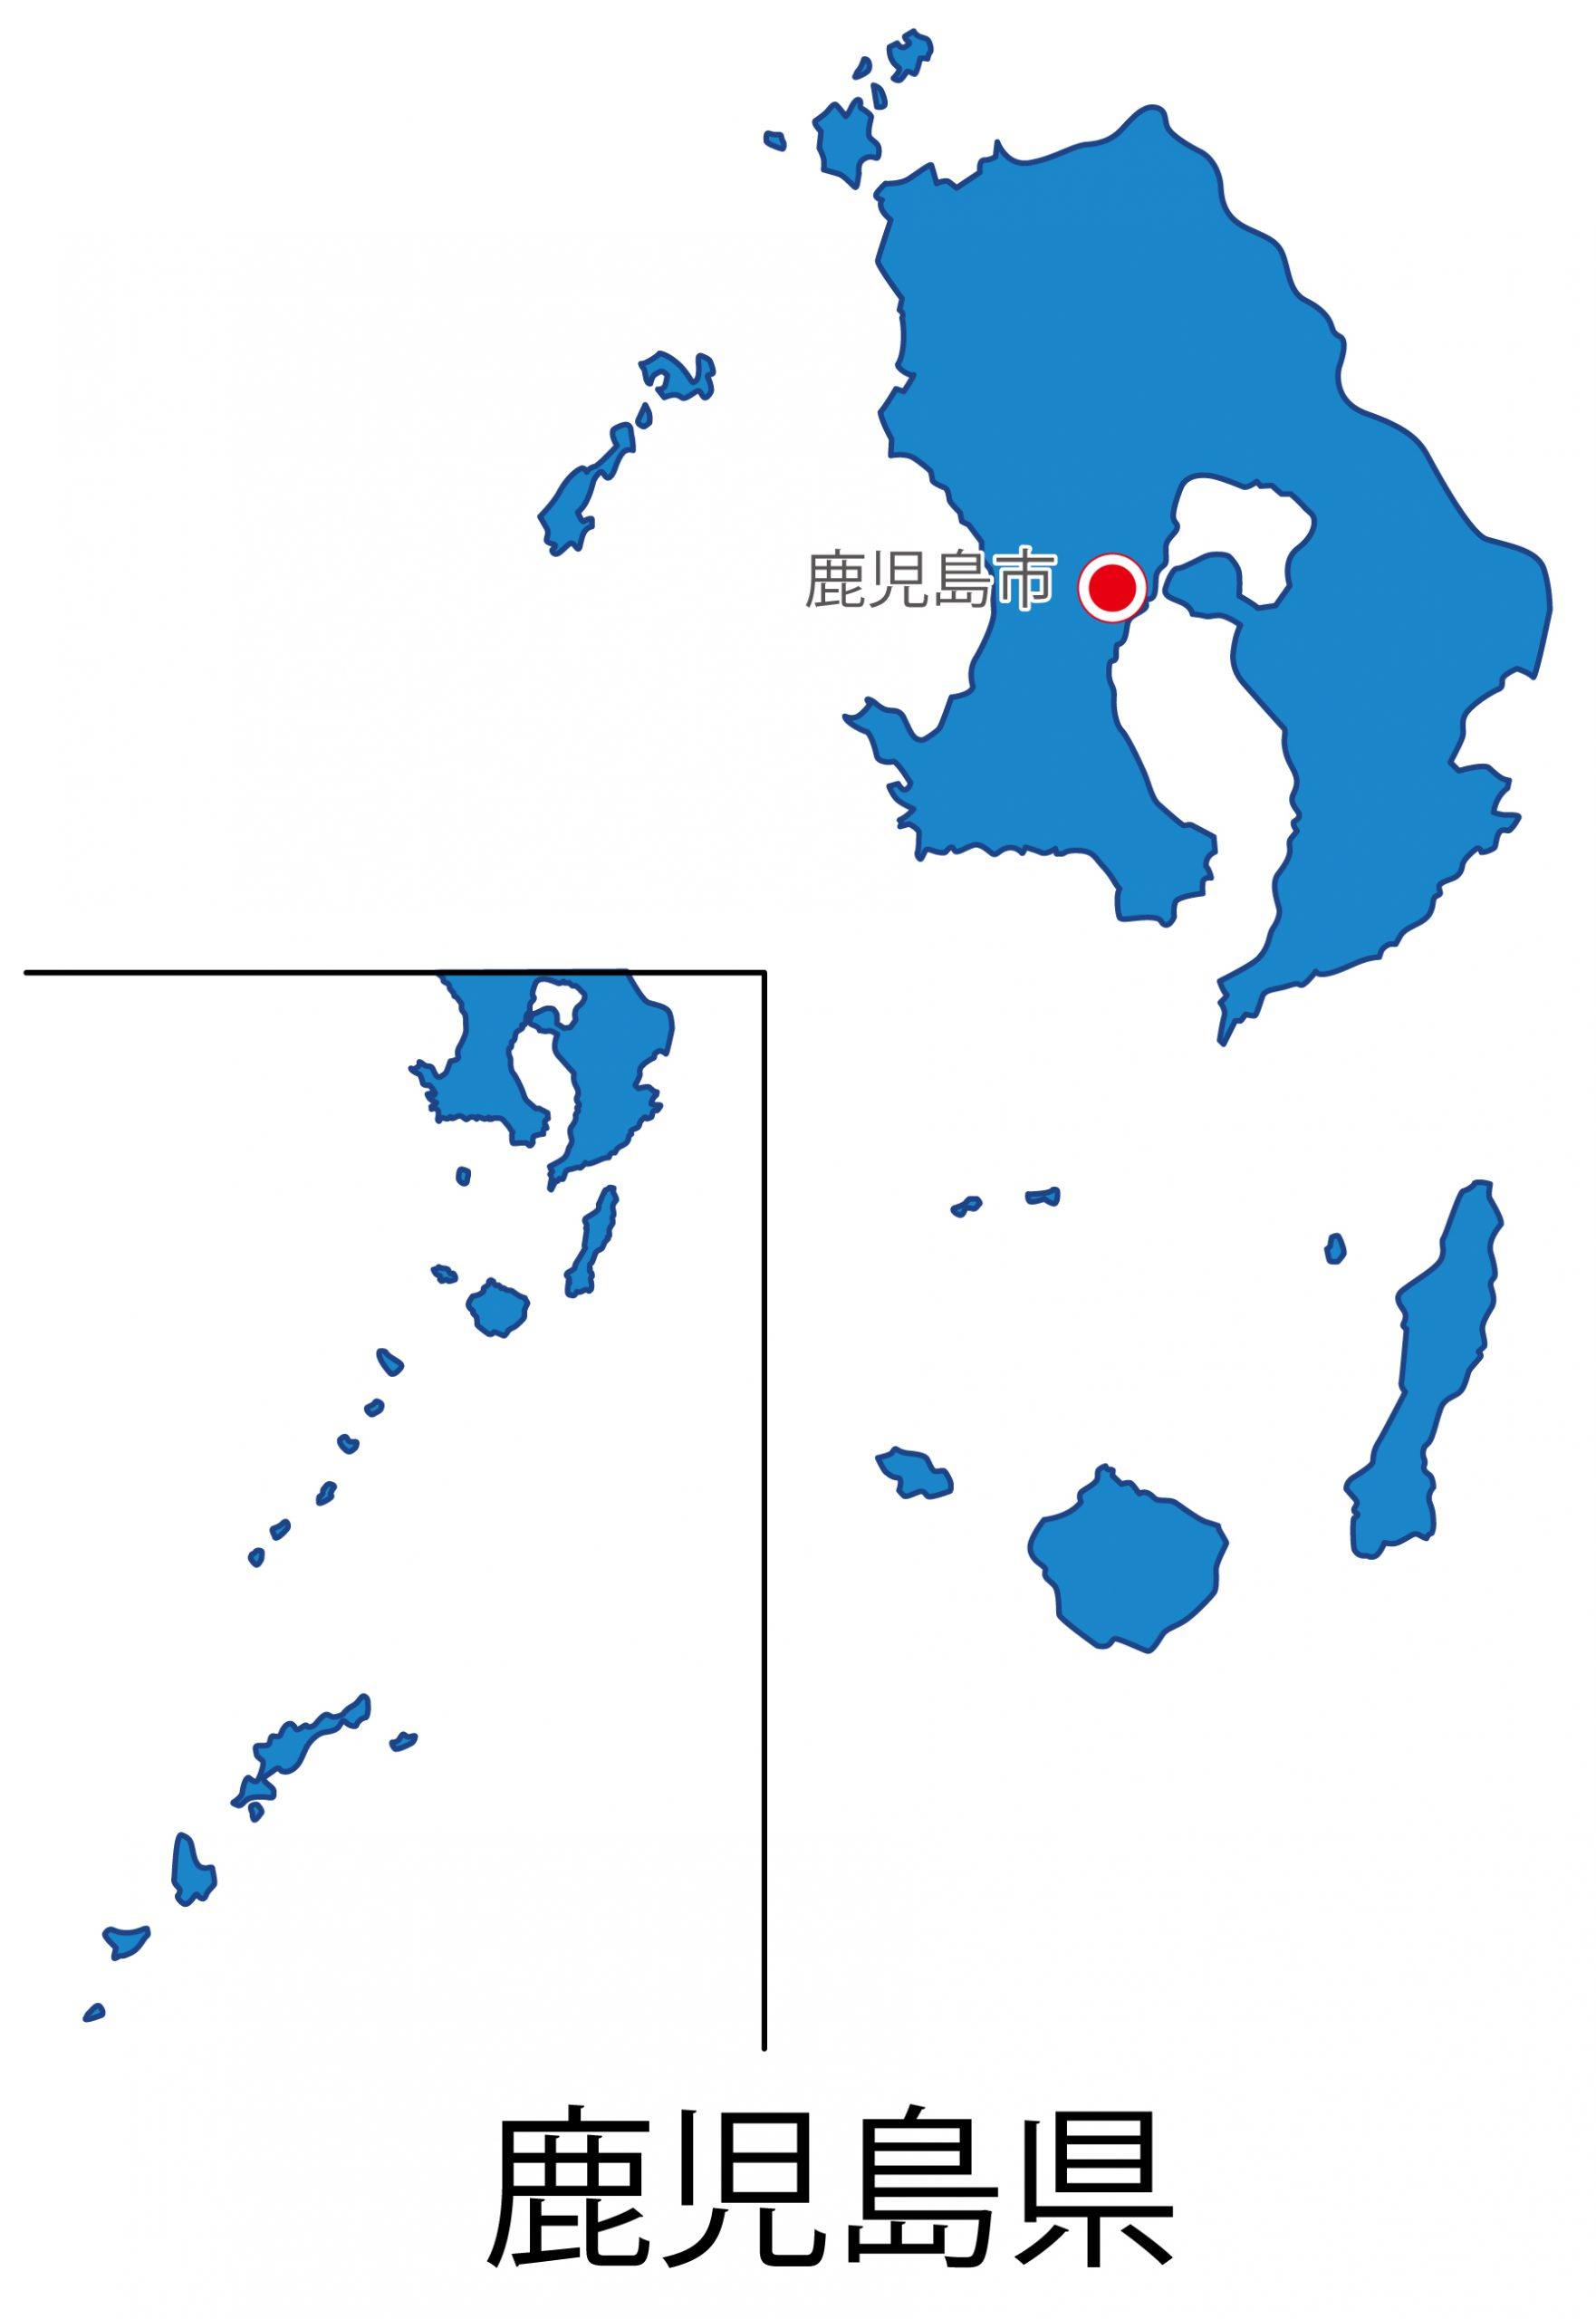 鹿児島県無料フリーイラスト|日本語・都道府県名あり・県庁所在地あり(青)